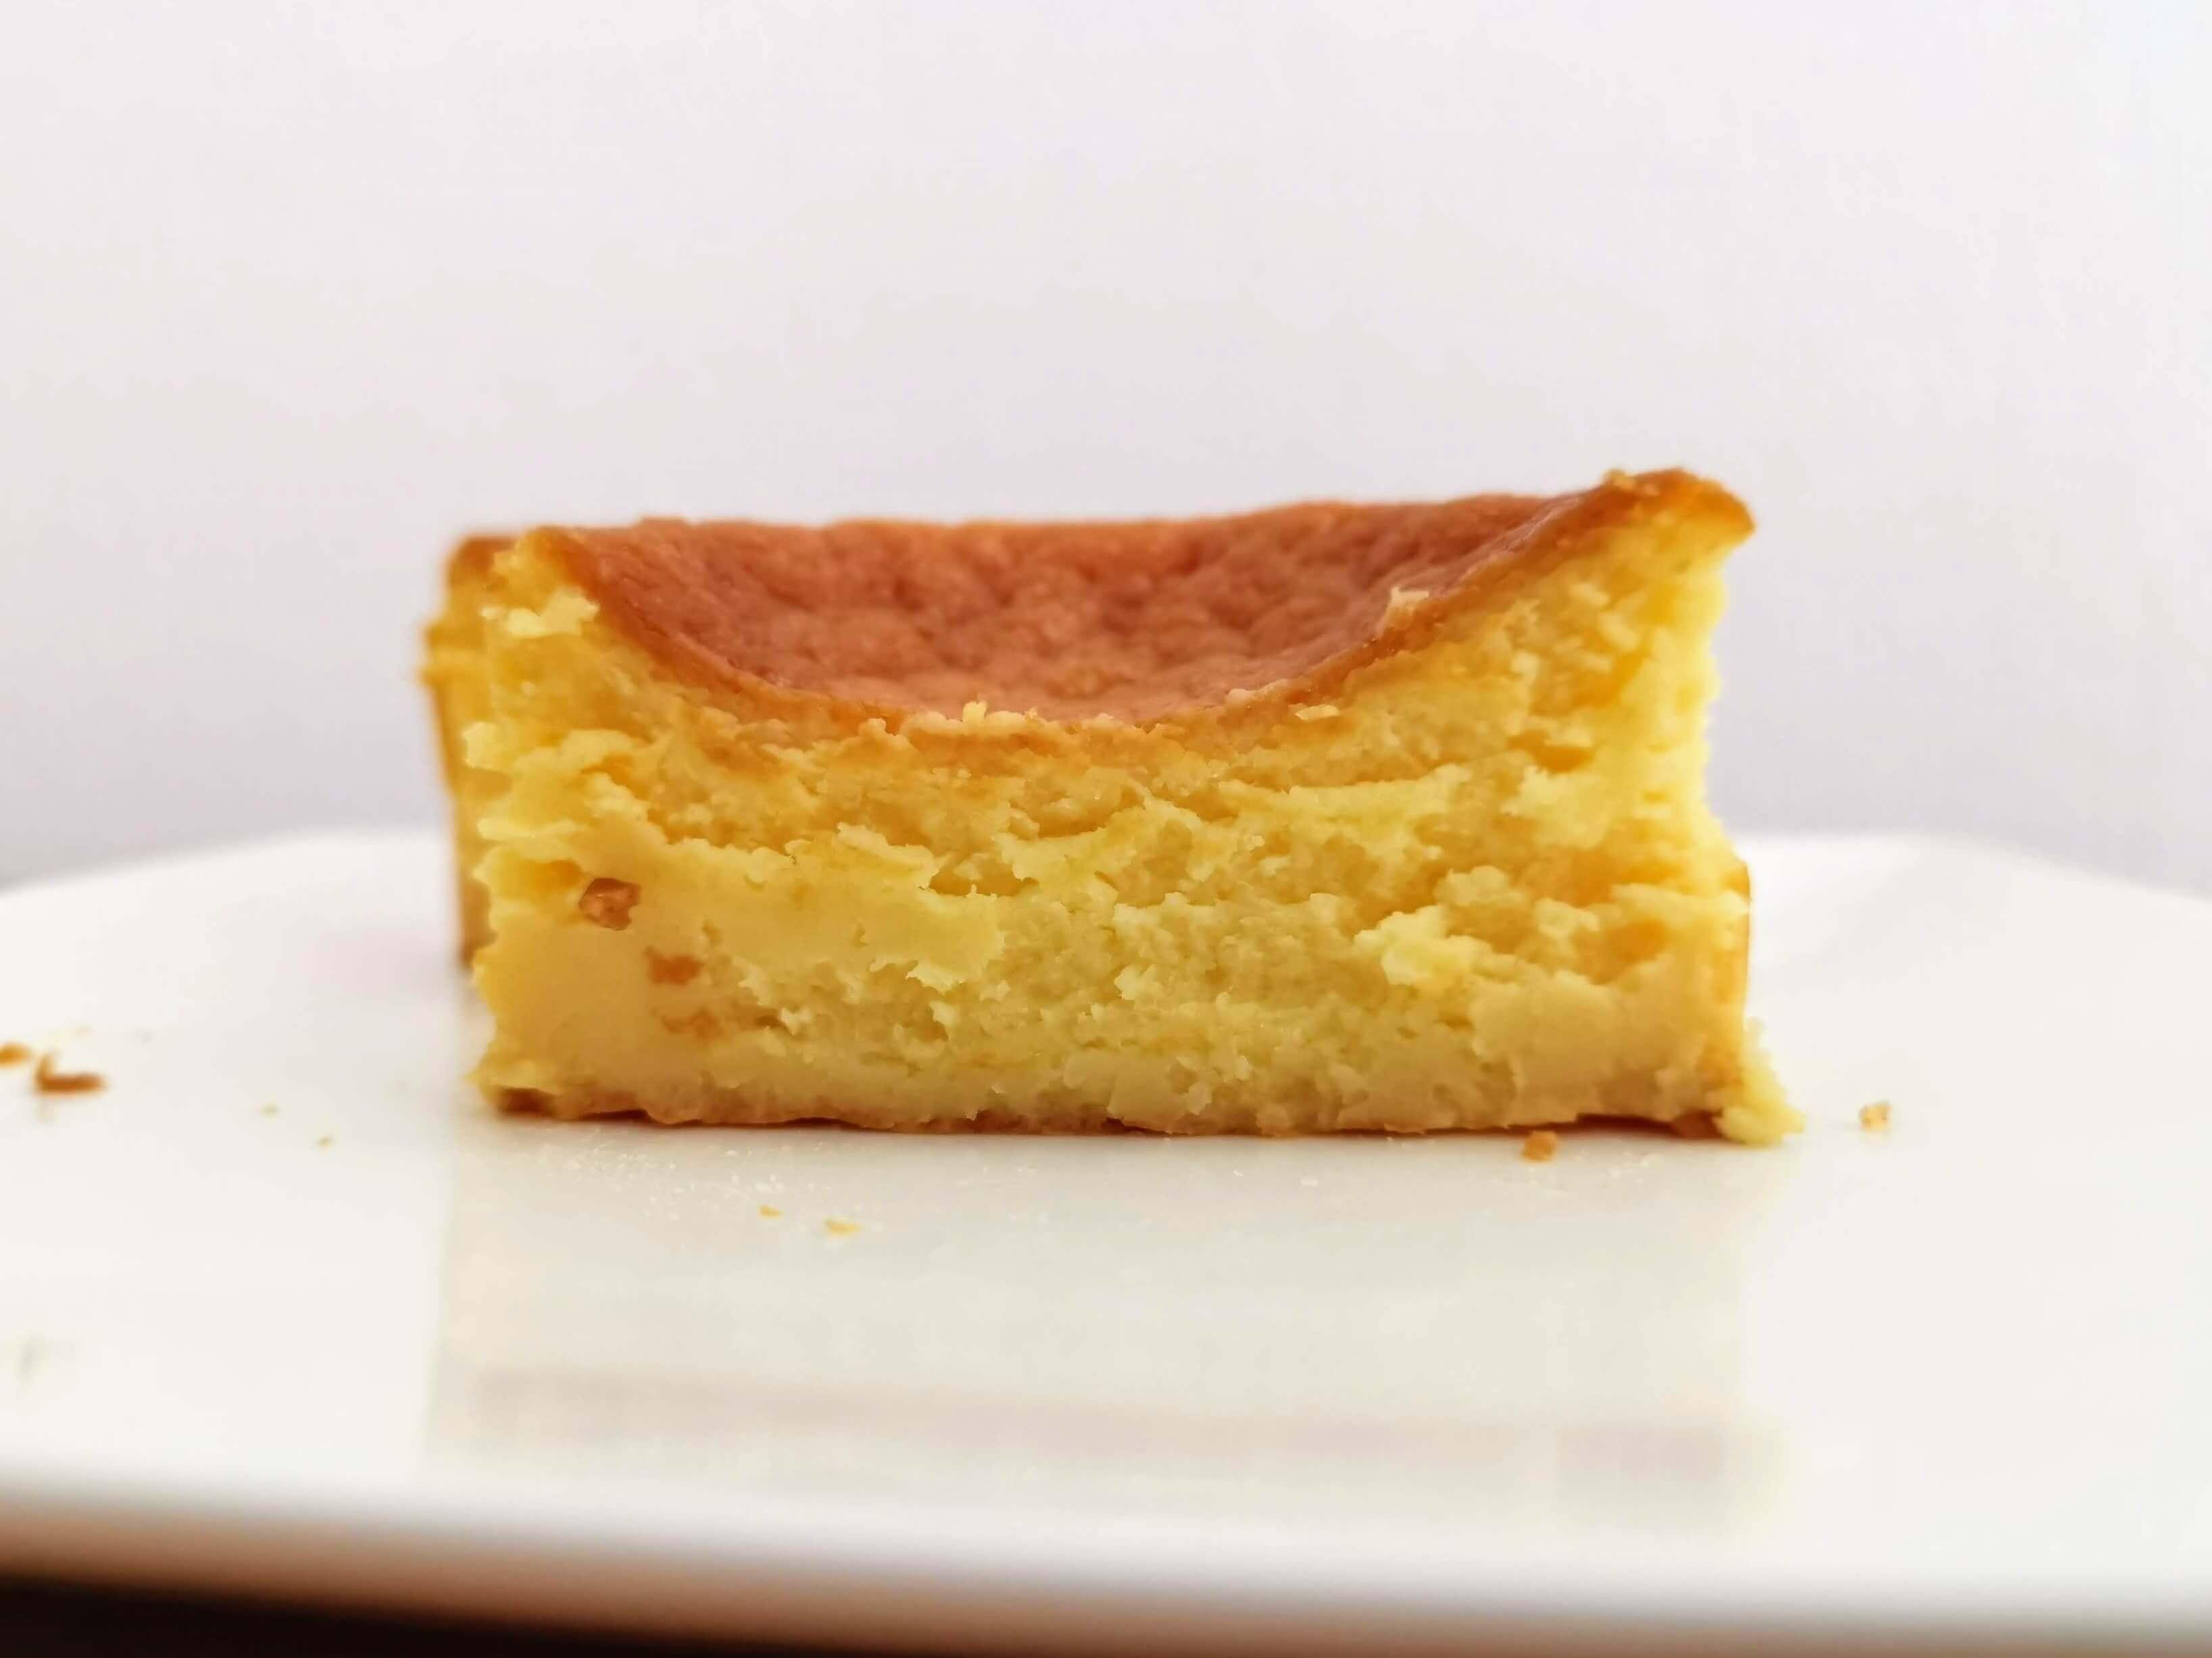 セブンイレブン デリカシェフ バスクチーズケーキ (12)